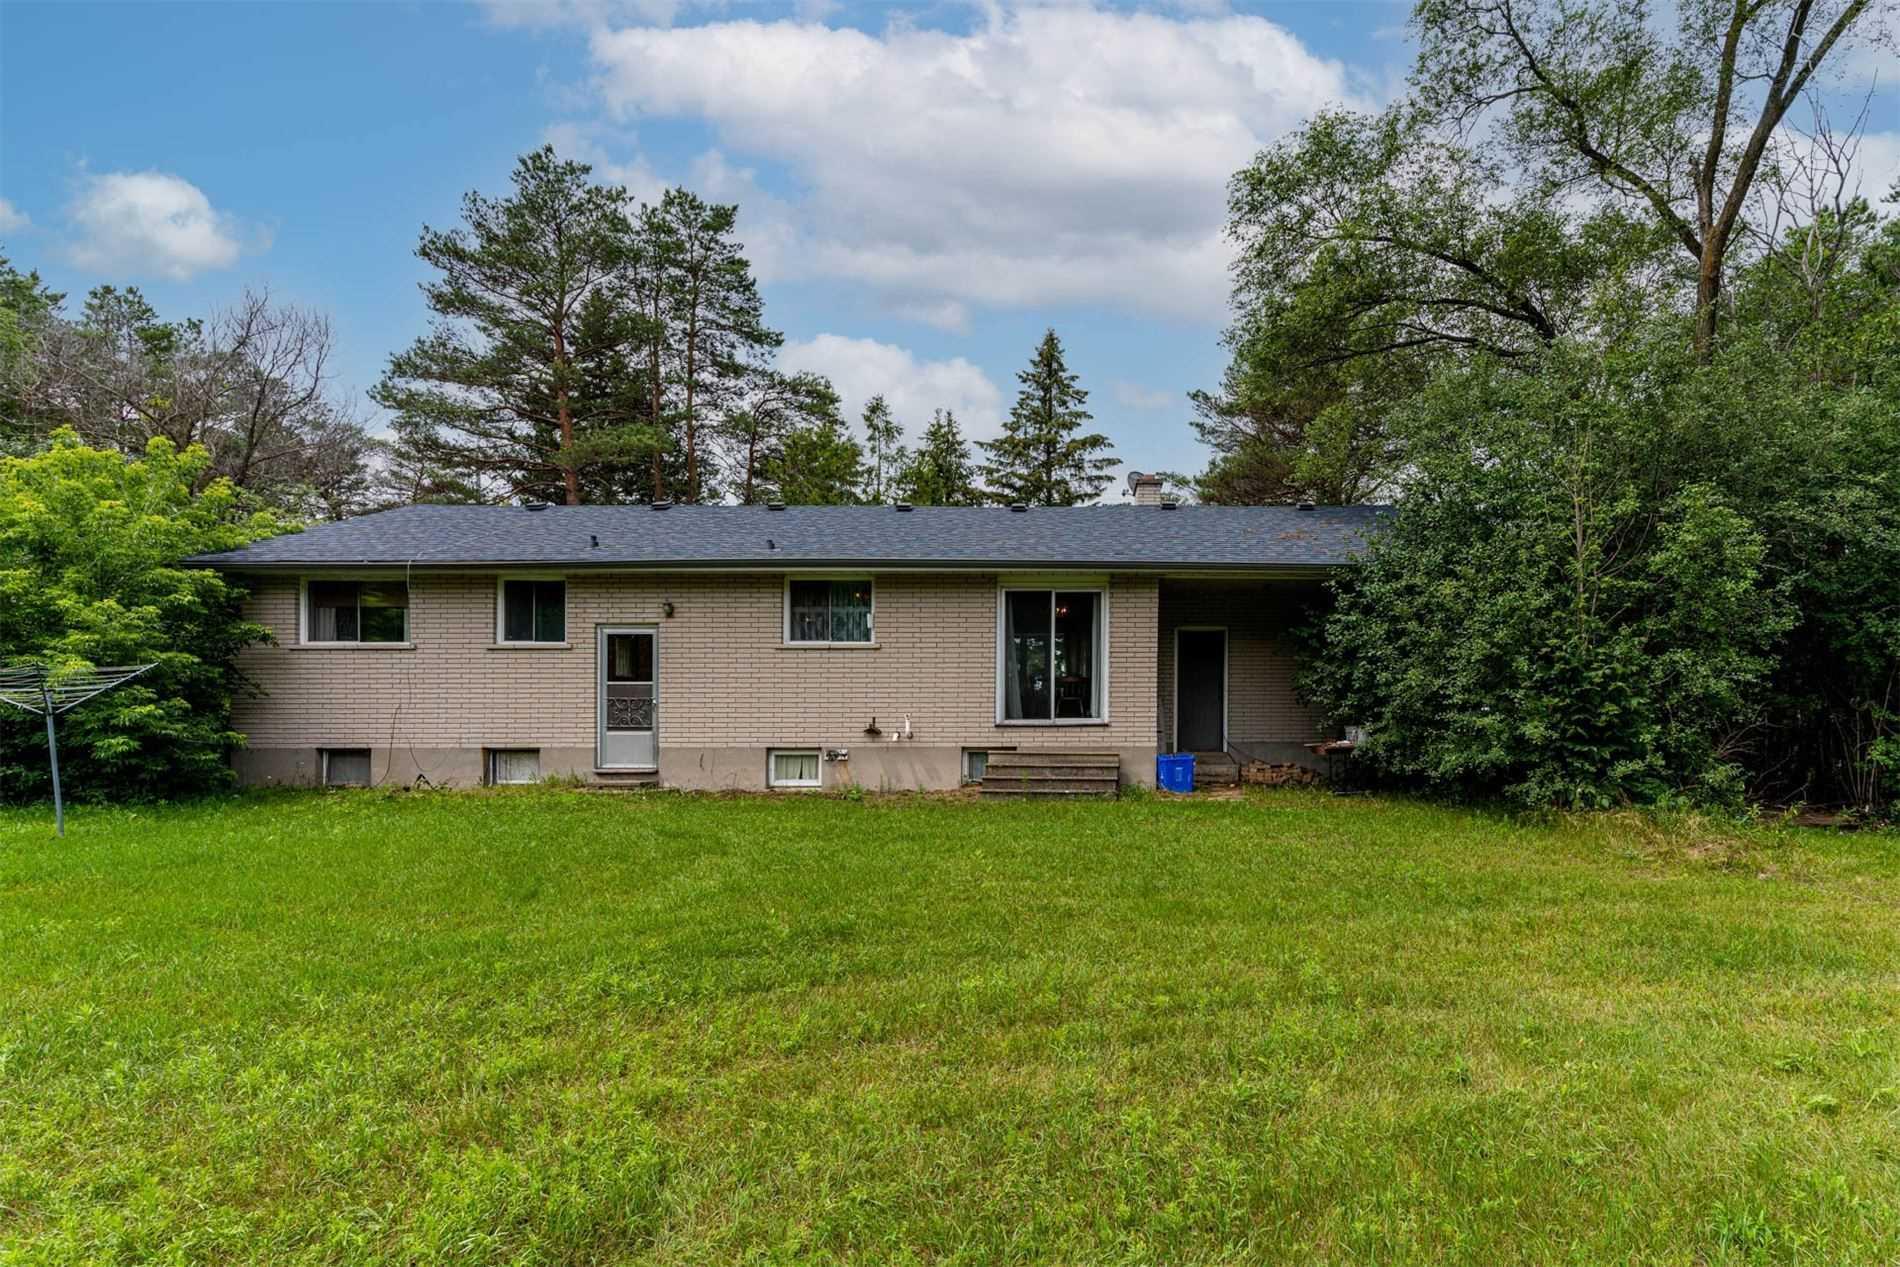 4189 Brock Rd - Uxbridge Detached for sale, 3 Bedrooms (N5311768) - #32